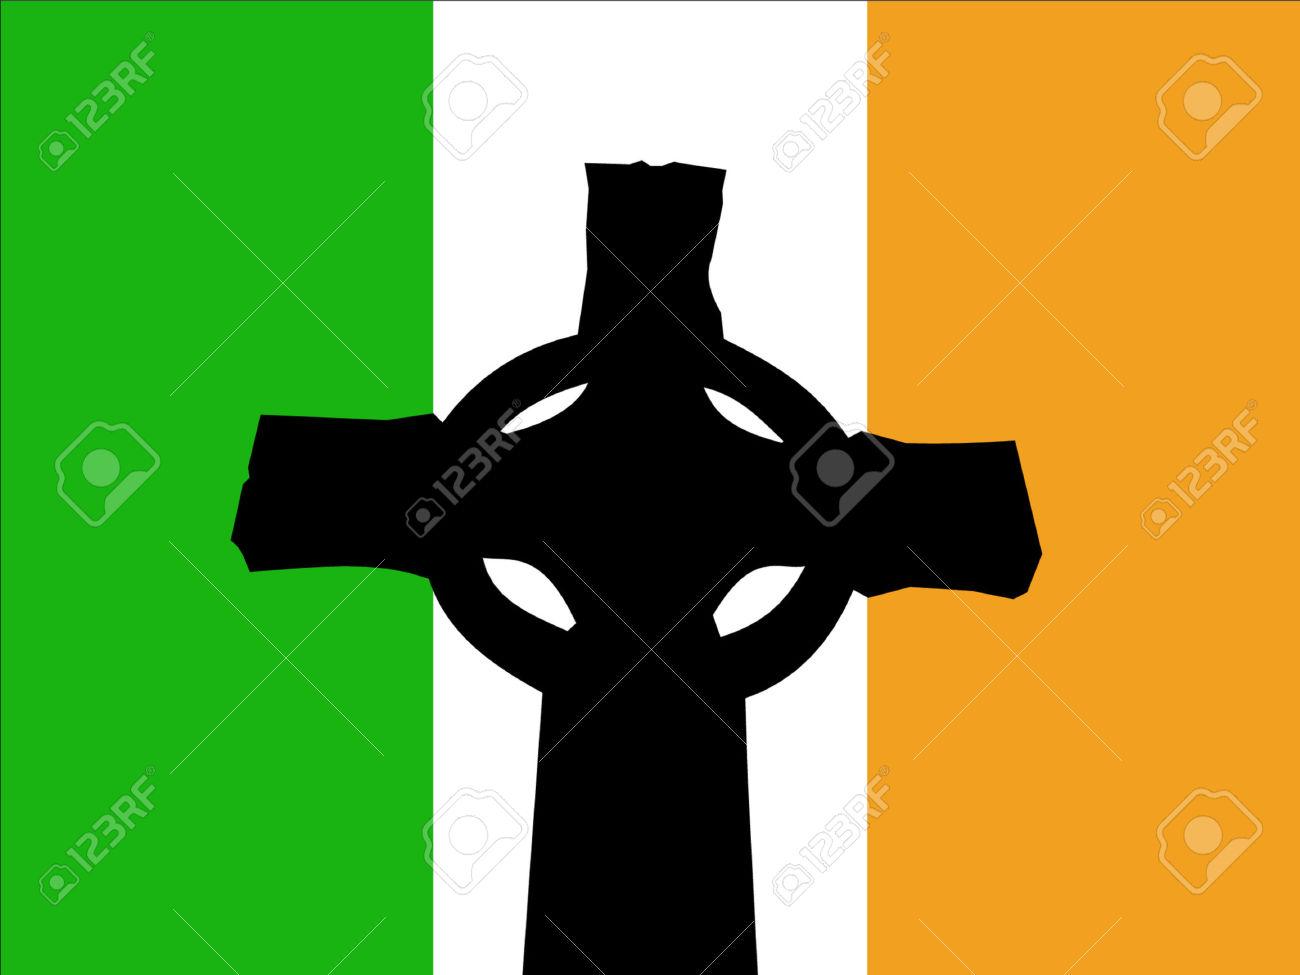 1300x975 > Celtic Cross Flag Wallpapers